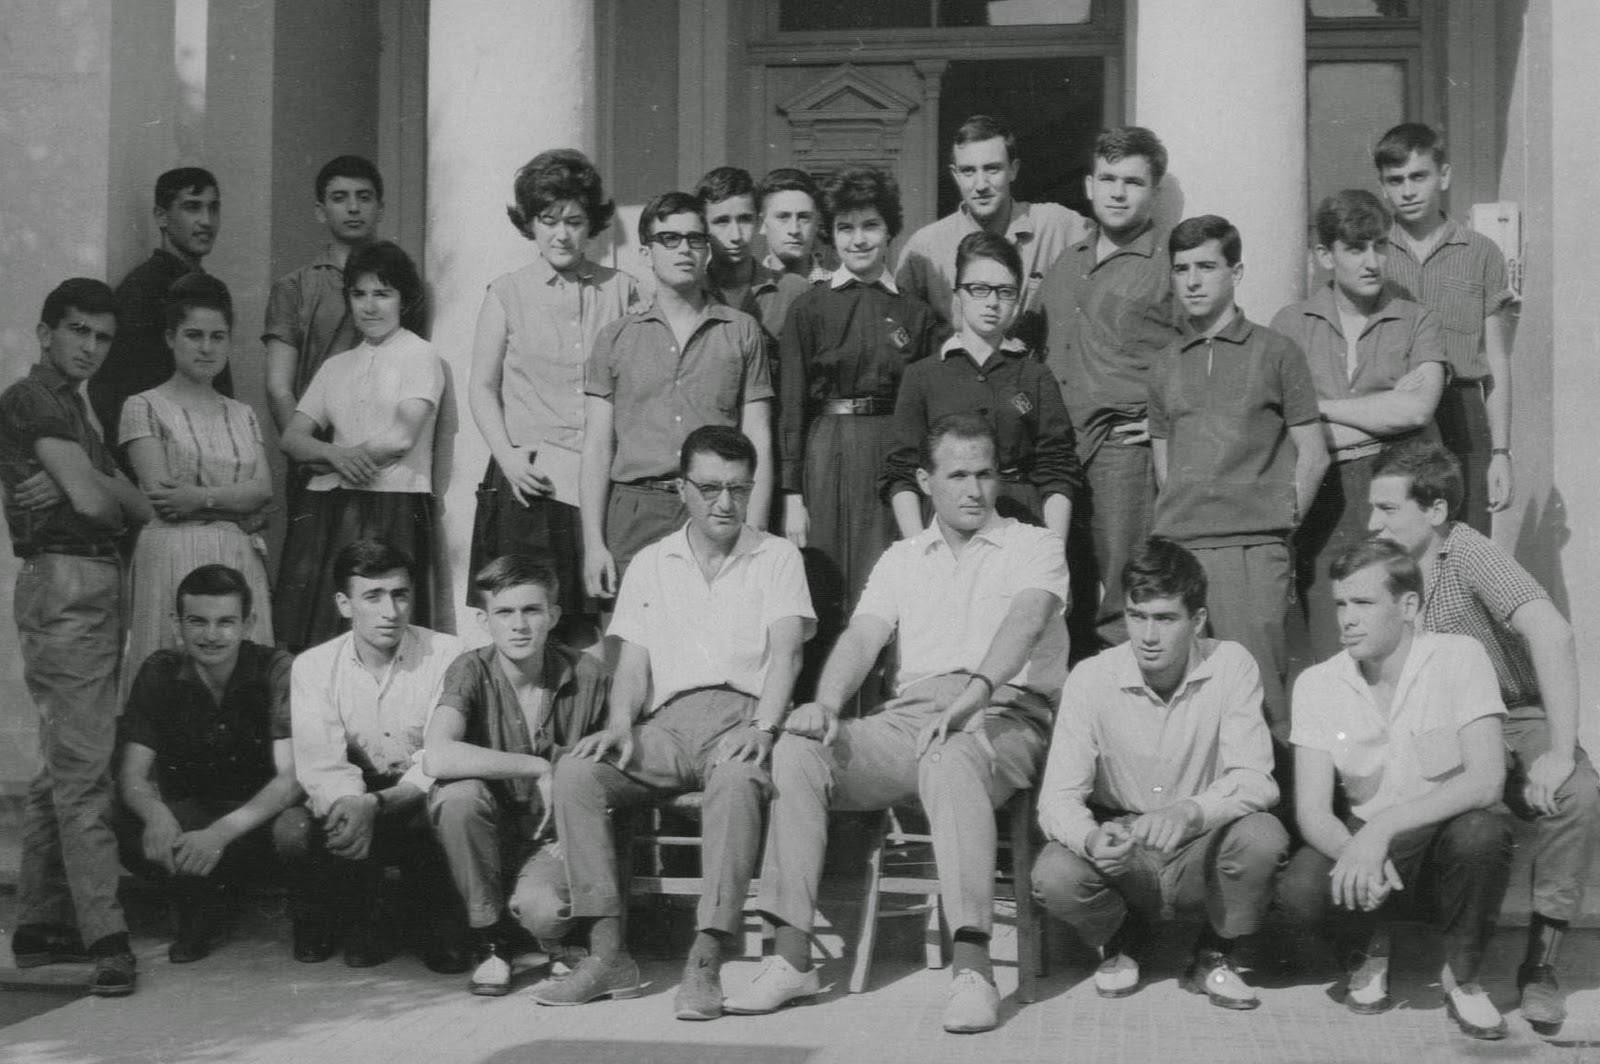 Τελειόφοιτοι σχ. έτους 1964-65 περικαλλούς Γυμνασίου Αρρένων Έδεσσας